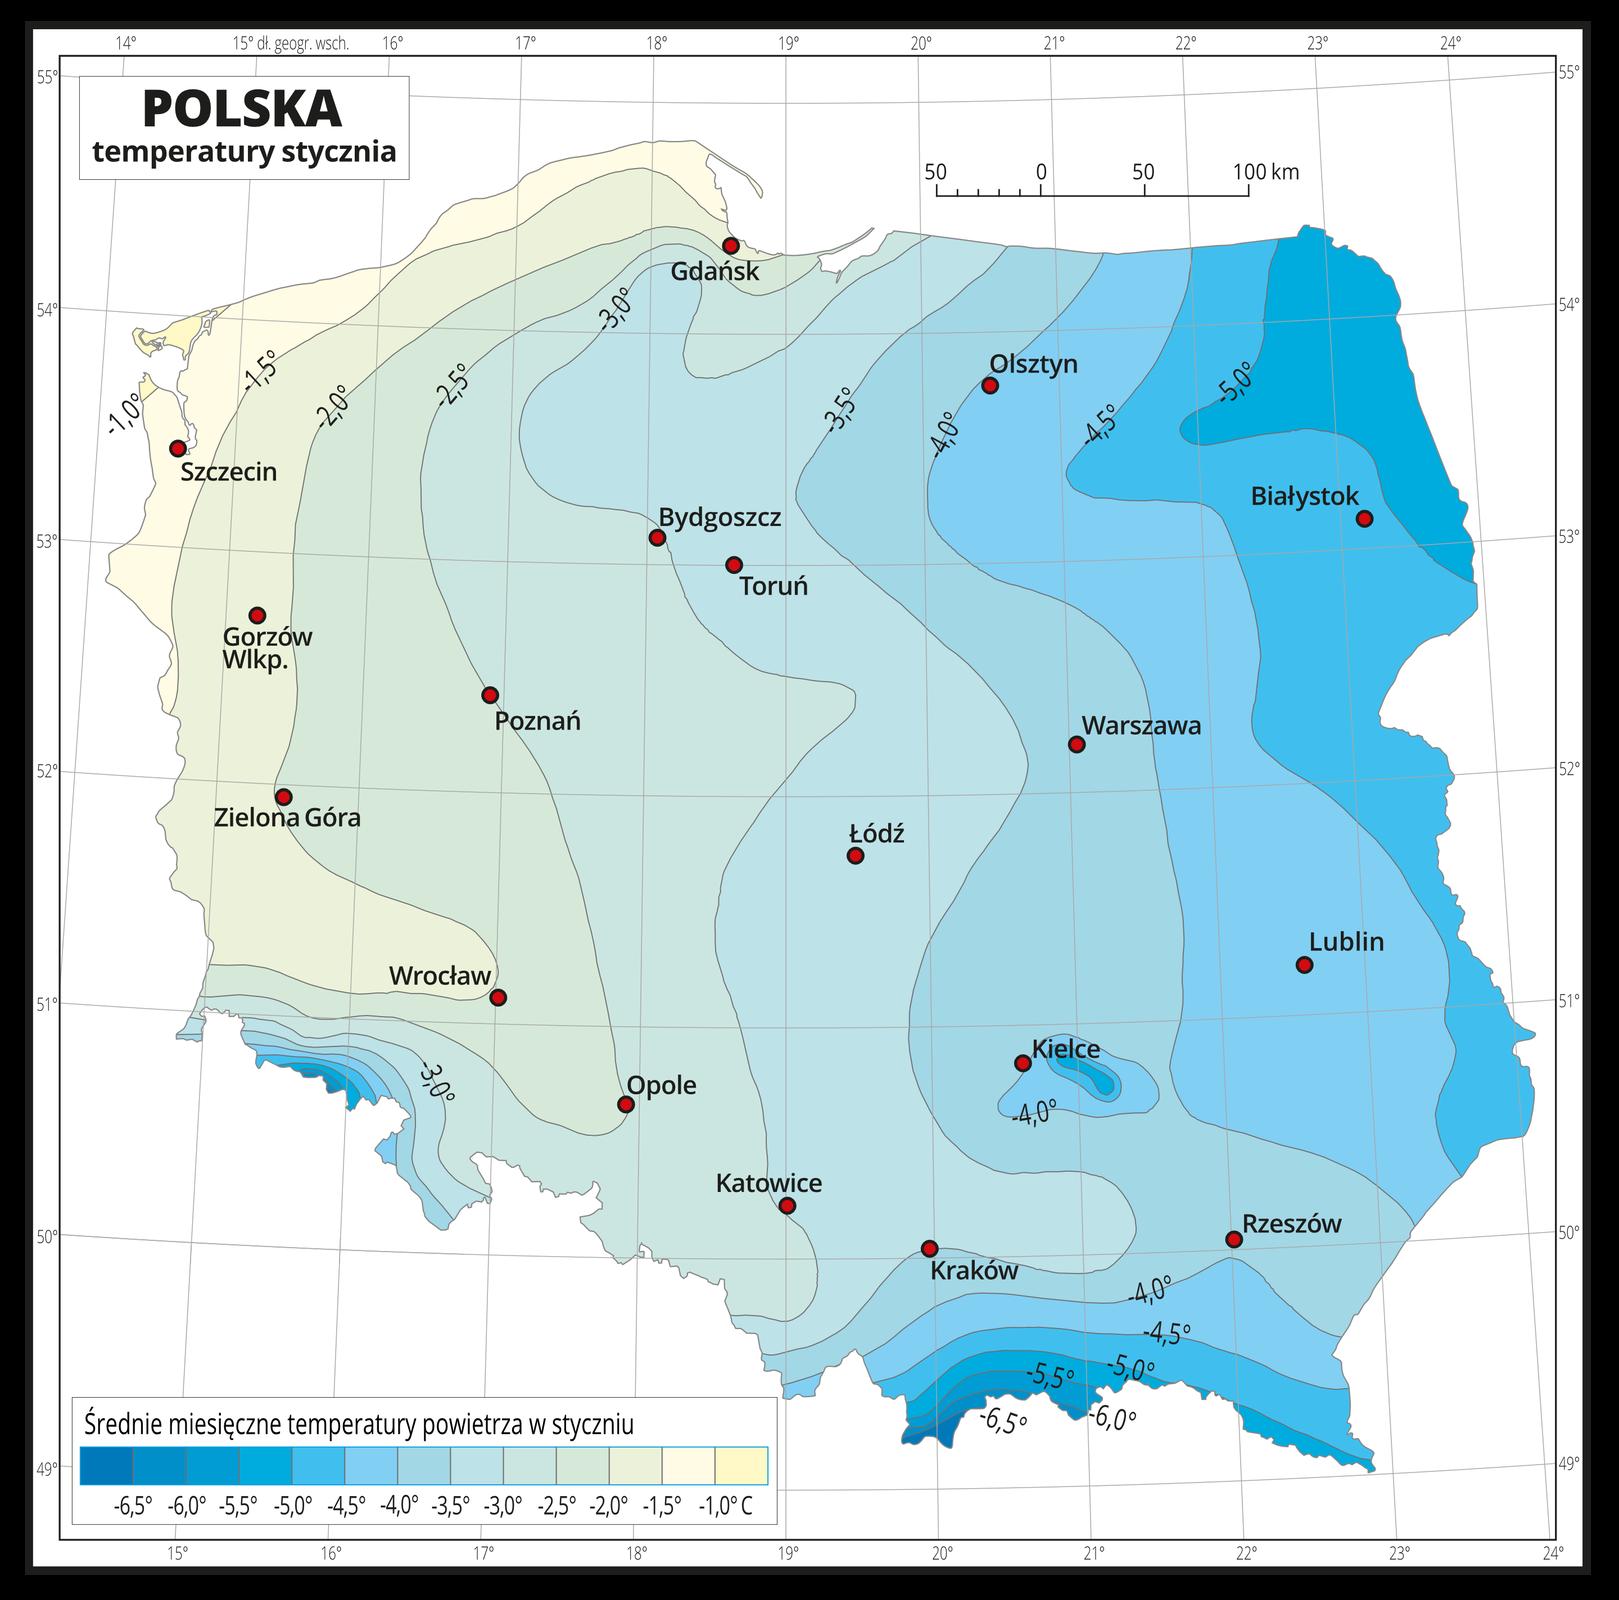 Ilustracja przedstawia mapę Polski. Na mapie kolorami zaznaczono średnie miesięczne temperatury powietrza wstyczniu. Zlewej strony mapy kolor jest żółty, wkierunku wschodnim, wprawo ipołudniowym, wdół mapy przechodzi wbłękitny, dalej niebieski iciemnoniebieski. Na izotermach opisano średnią miesięczną temperaturę stycznia co pół stopnia. Czerwonymi punktami zaznaczono miasta wojewódzkie. Mapa pokryta jest siatką równoleżników ipołudników. Dookoła mapy jest biała ramka, wktórej opisane są współrzędne geograficzne. Poniżej mapy wlegendzie umieszczono prostokątny poziomy pasek. Pasek podzielono na trzynaście kolorów. Zlewej strony ciemnoniebieskie do jasnoniebieskiego, środek błękitny, zprawej strony –seledynowy, kremowy iżółty. Każda część paska obrazuje dziesięciostopniowy przedział średniej miesięcznej temperatury powietrza wstyczniu od minus sześć ipół stopnia Celsjusza – niebieskie do minus jeden stopnia Celsjusza – żółte, co pół stopnia.